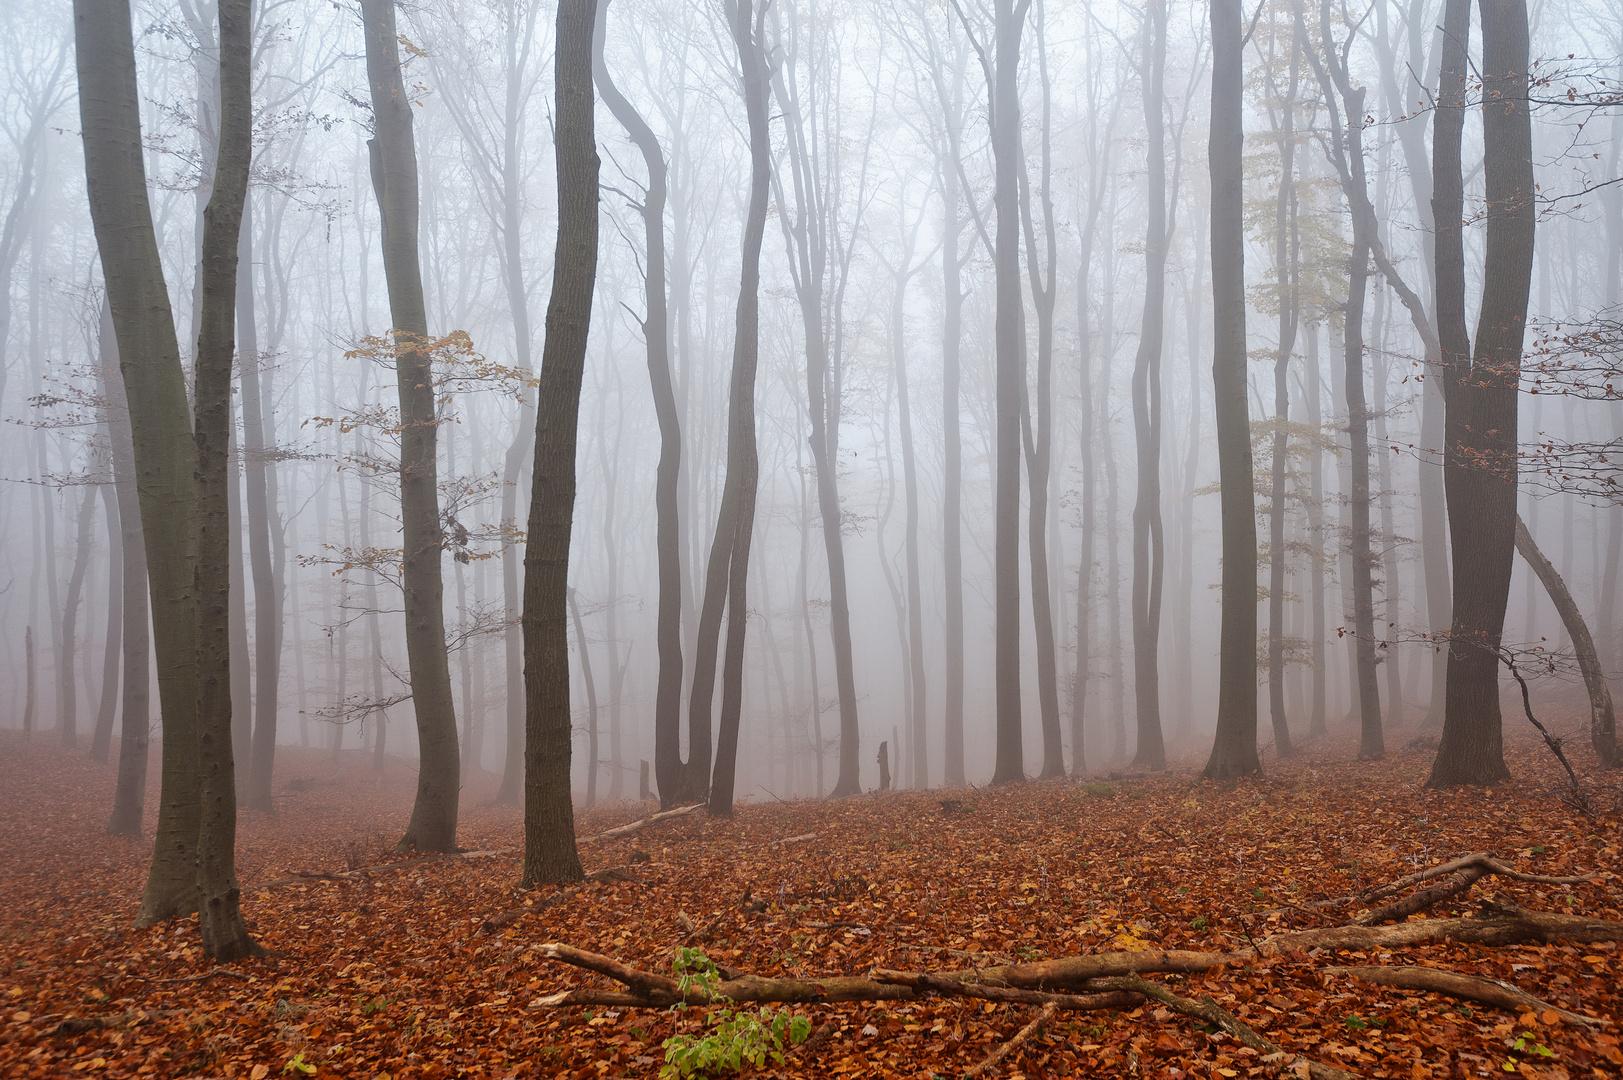 Herbst im Wald 2011_11_15_7